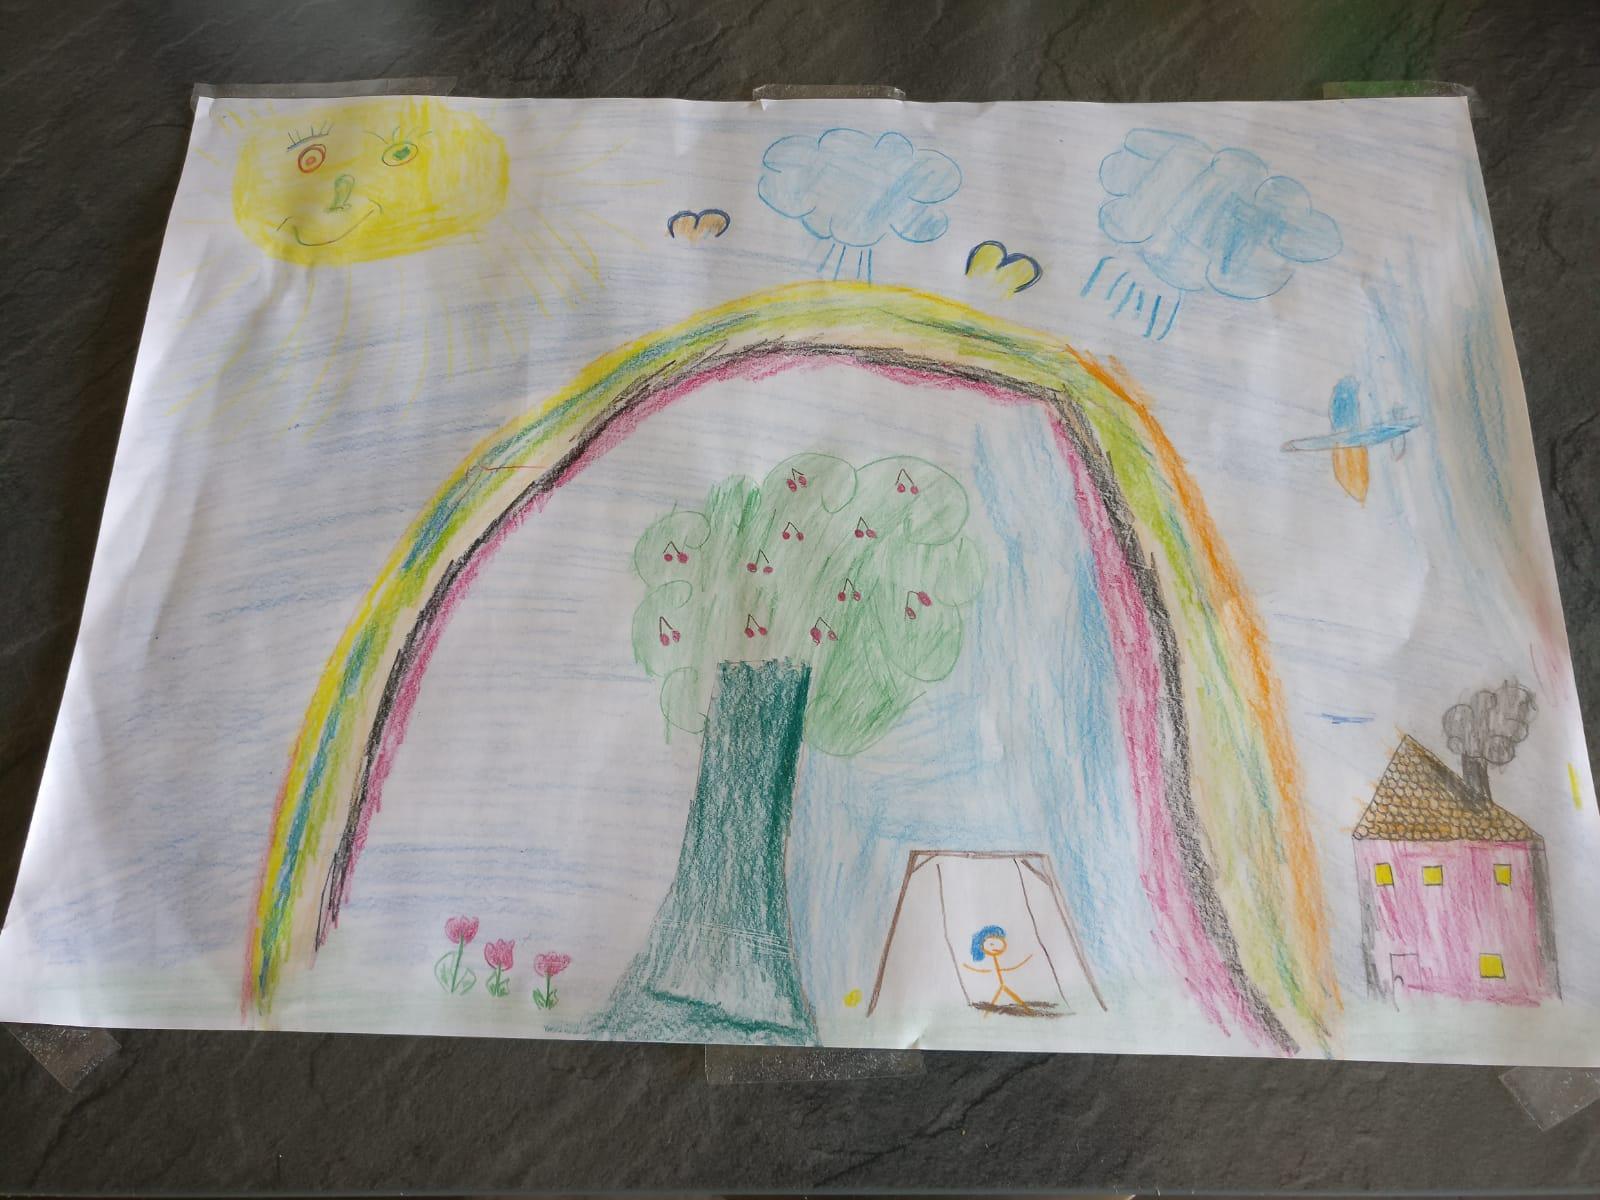 Ein Regenbogen von Ethan (5 Jahre) aus Esbeck.